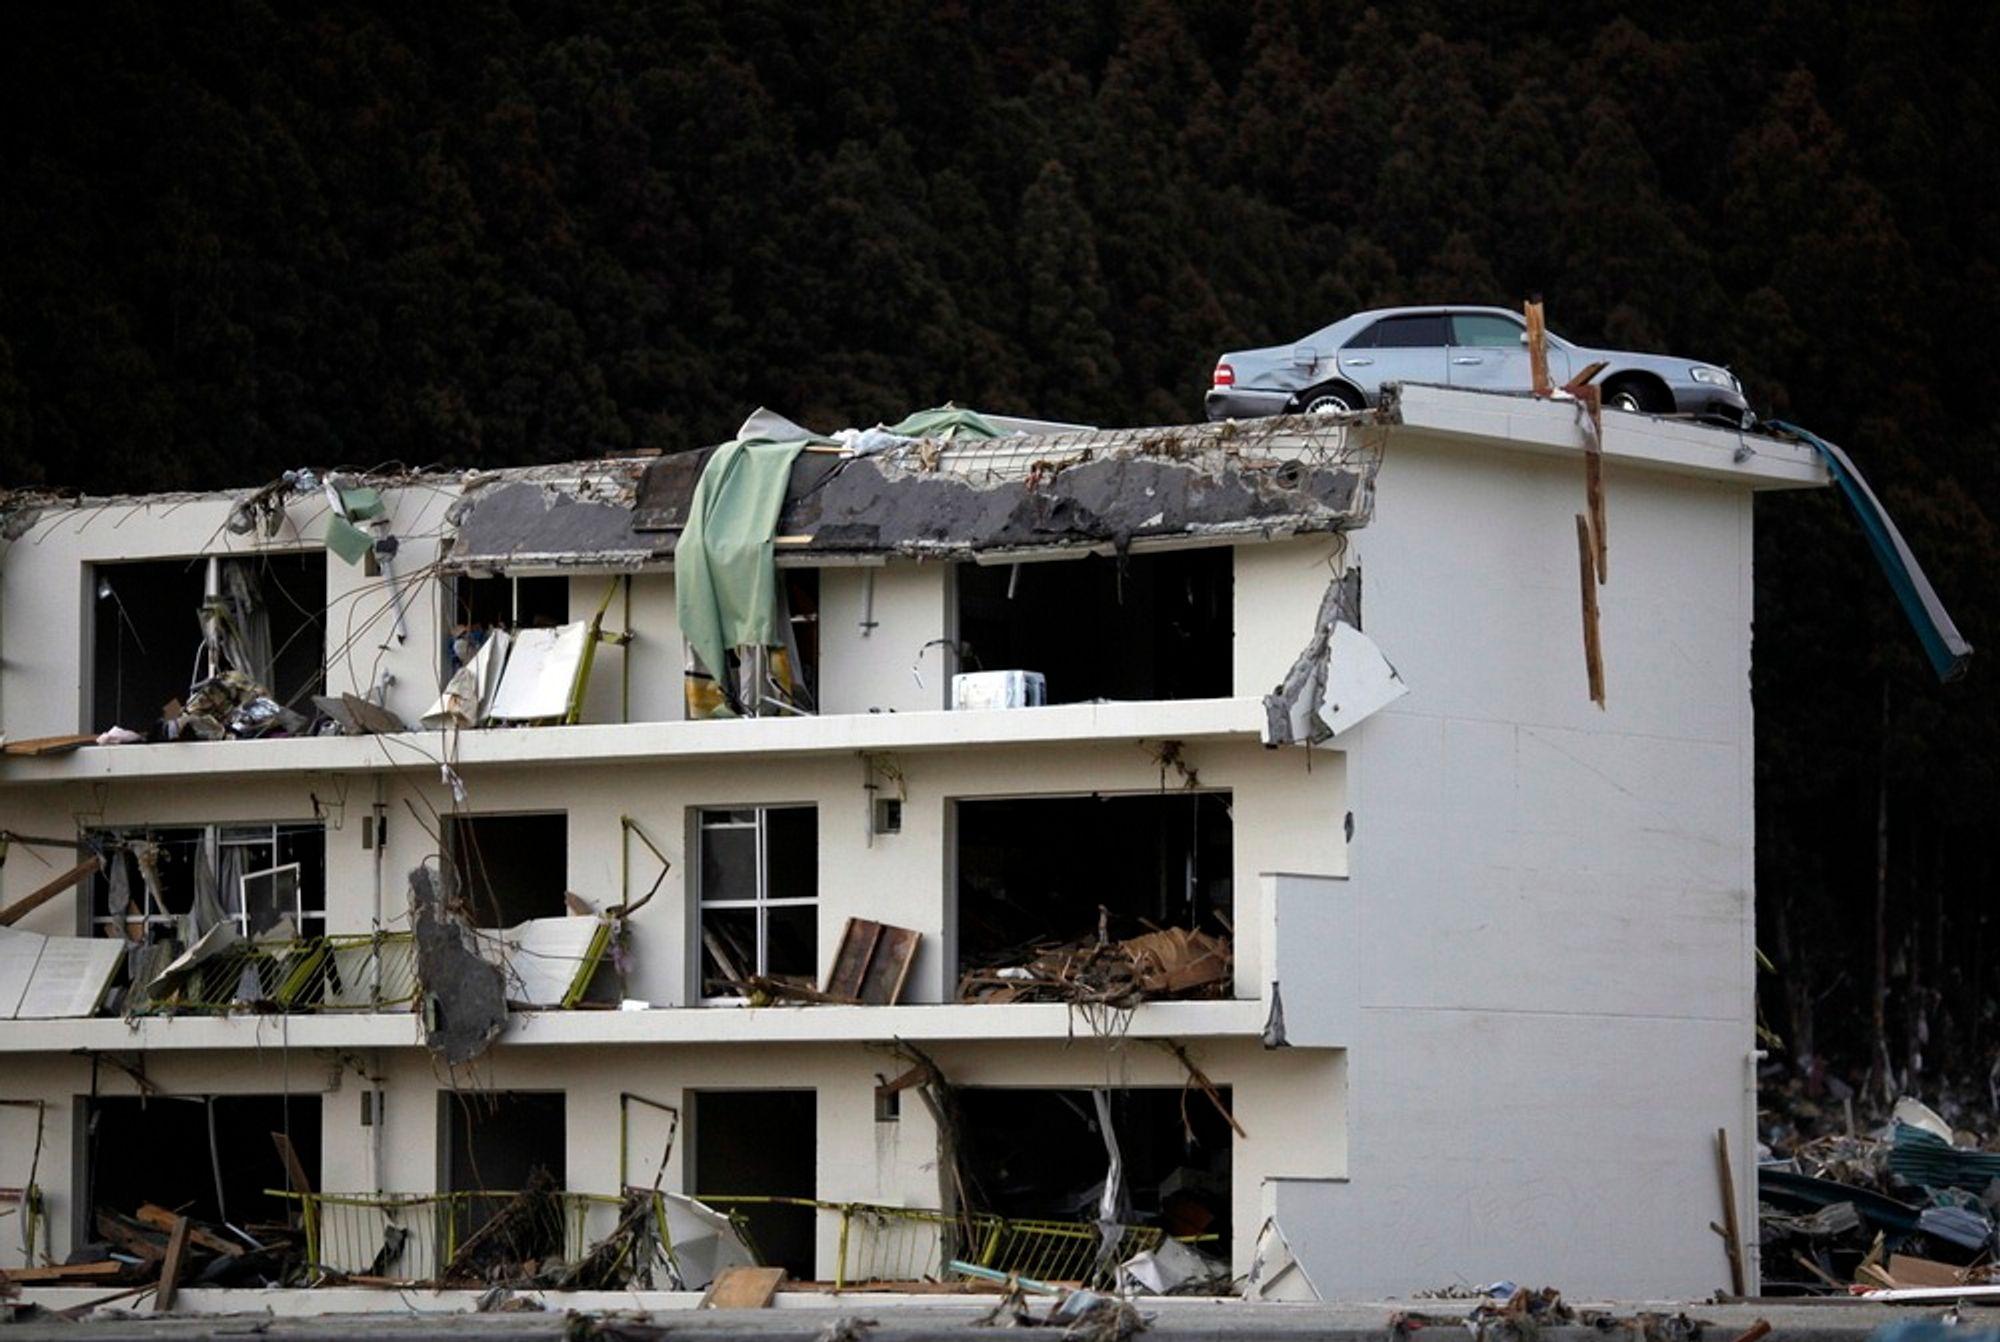 DYR TSUNAMI: En bil står på taket av en bygning Japan etter tsunamien i fjor, som ble utløst av et kraftig jordskjelv. Naturkatastrofer kostet over 2.100 milliarder kroner i fjor, ifølge FN.